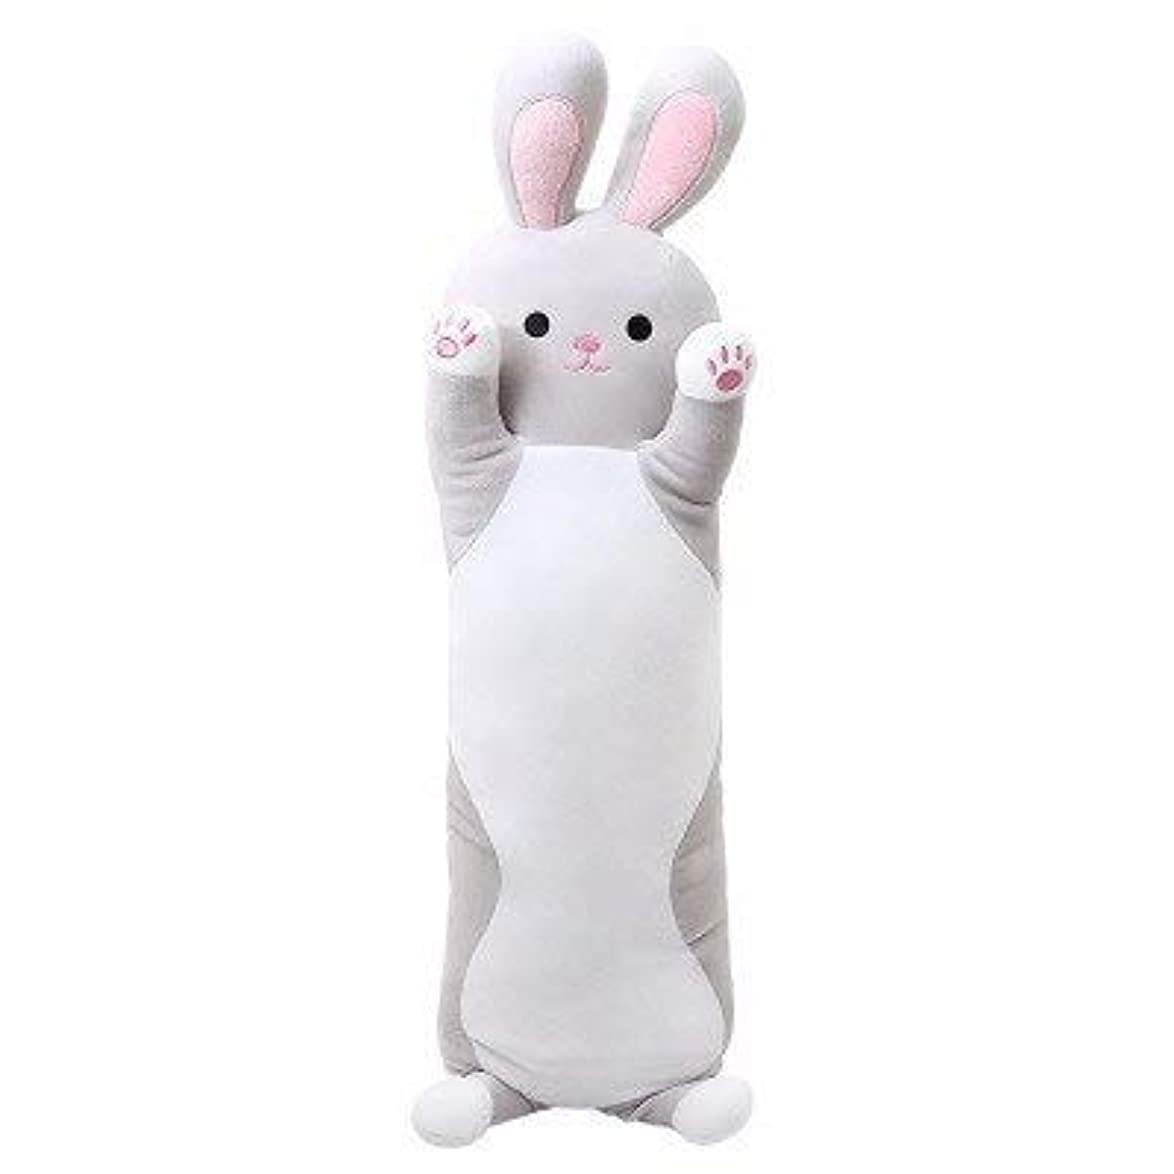 進行中なだめるエゴイズムLIFE センチメートルウサギのぬいぐるみロング睡眠枕を送信するために女の子 Almofada クッション床 Coussin Cojines 装飾 Overwatch クッション 椅子